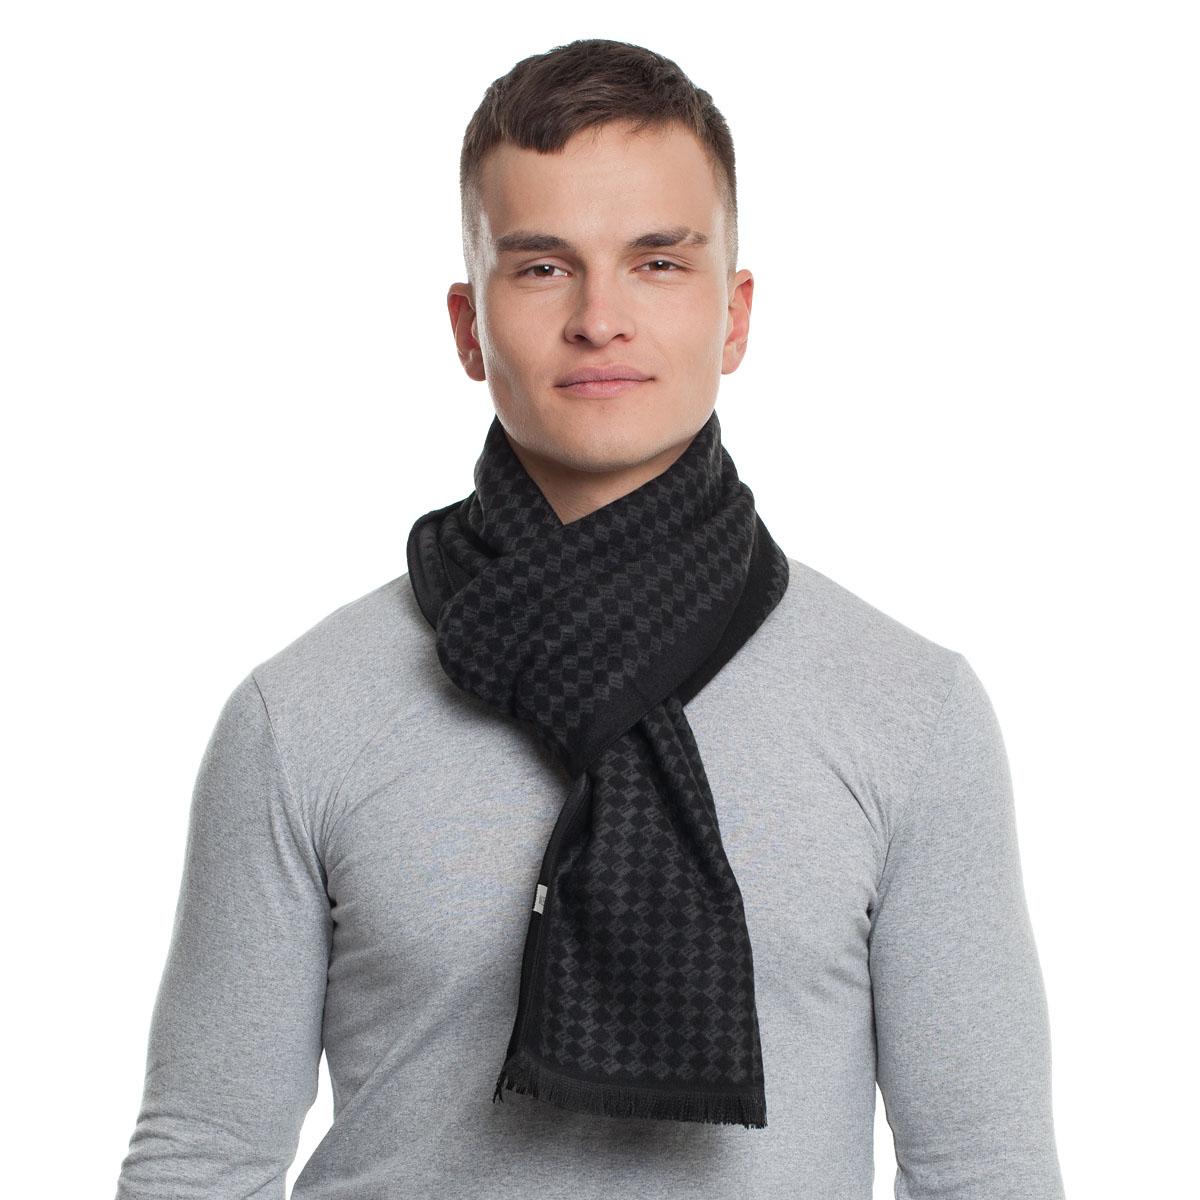 Шарф Sevenext, 47202-11 шарф sevenext 47202 10